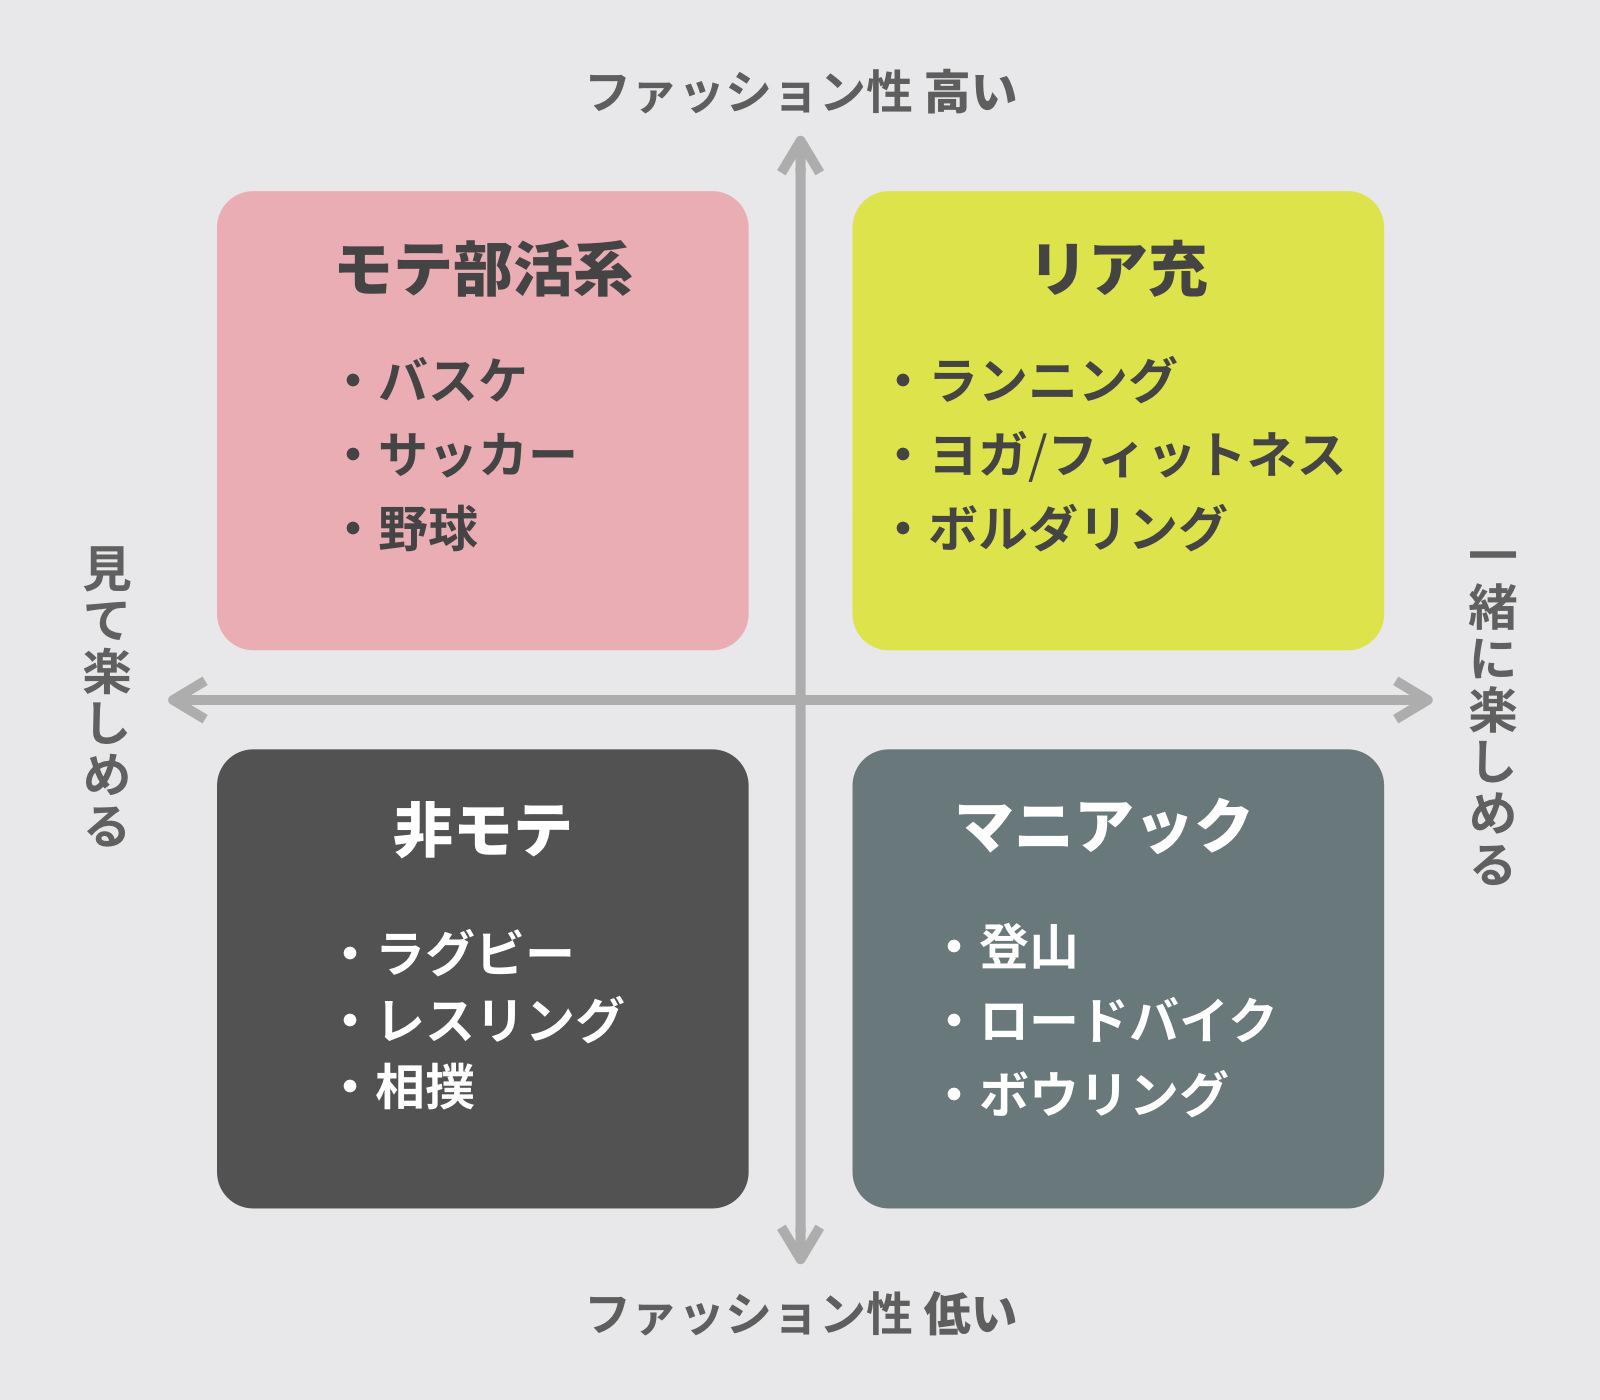 モテ/非モテスポーツのポジショニングマップ